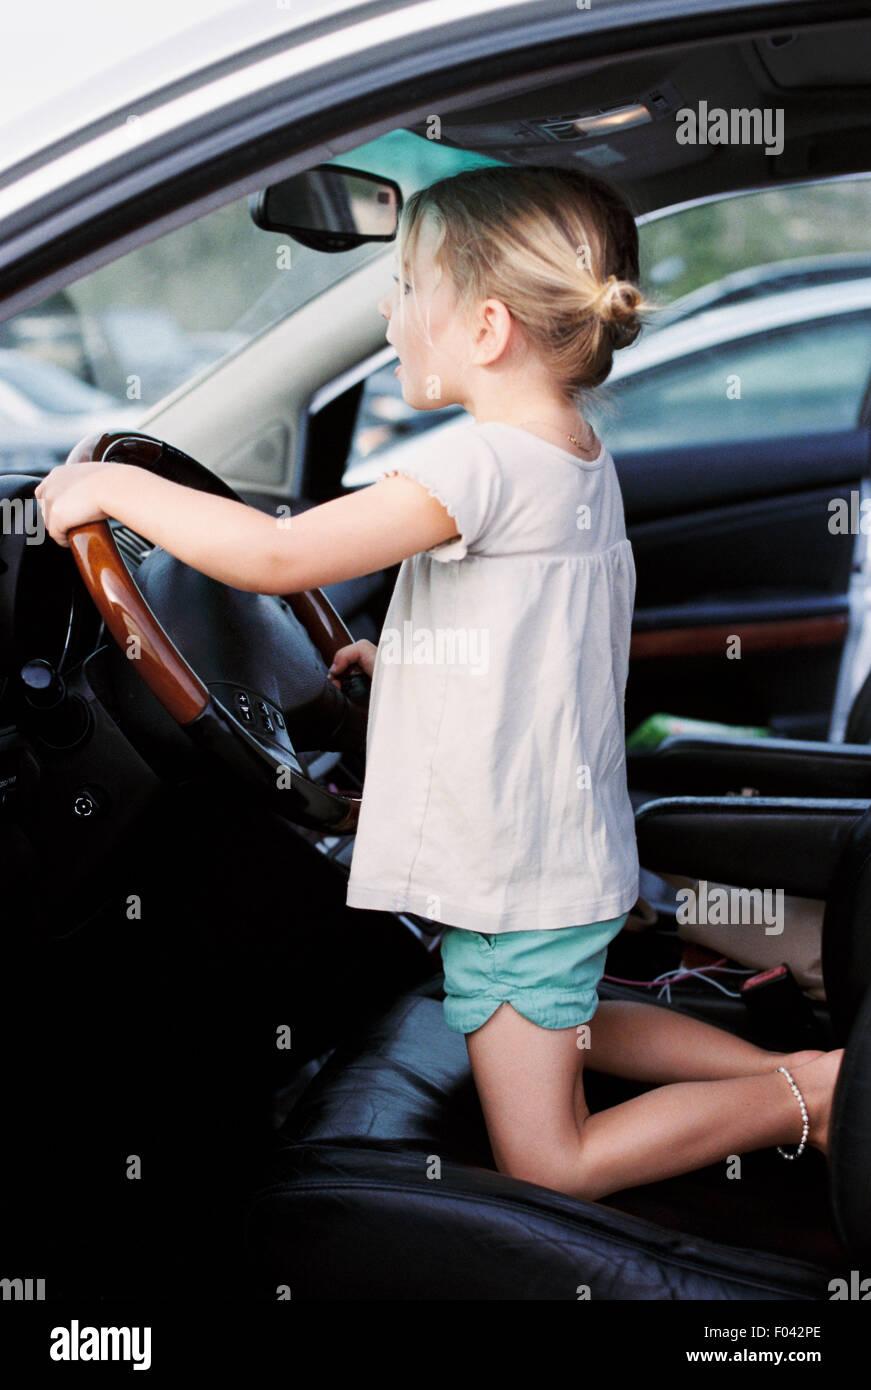 Junges Mädchen kniend auf dem Fahrersitz eines Autos, das Lenkrad halten, vorgibt, zu fahren. Stockbild